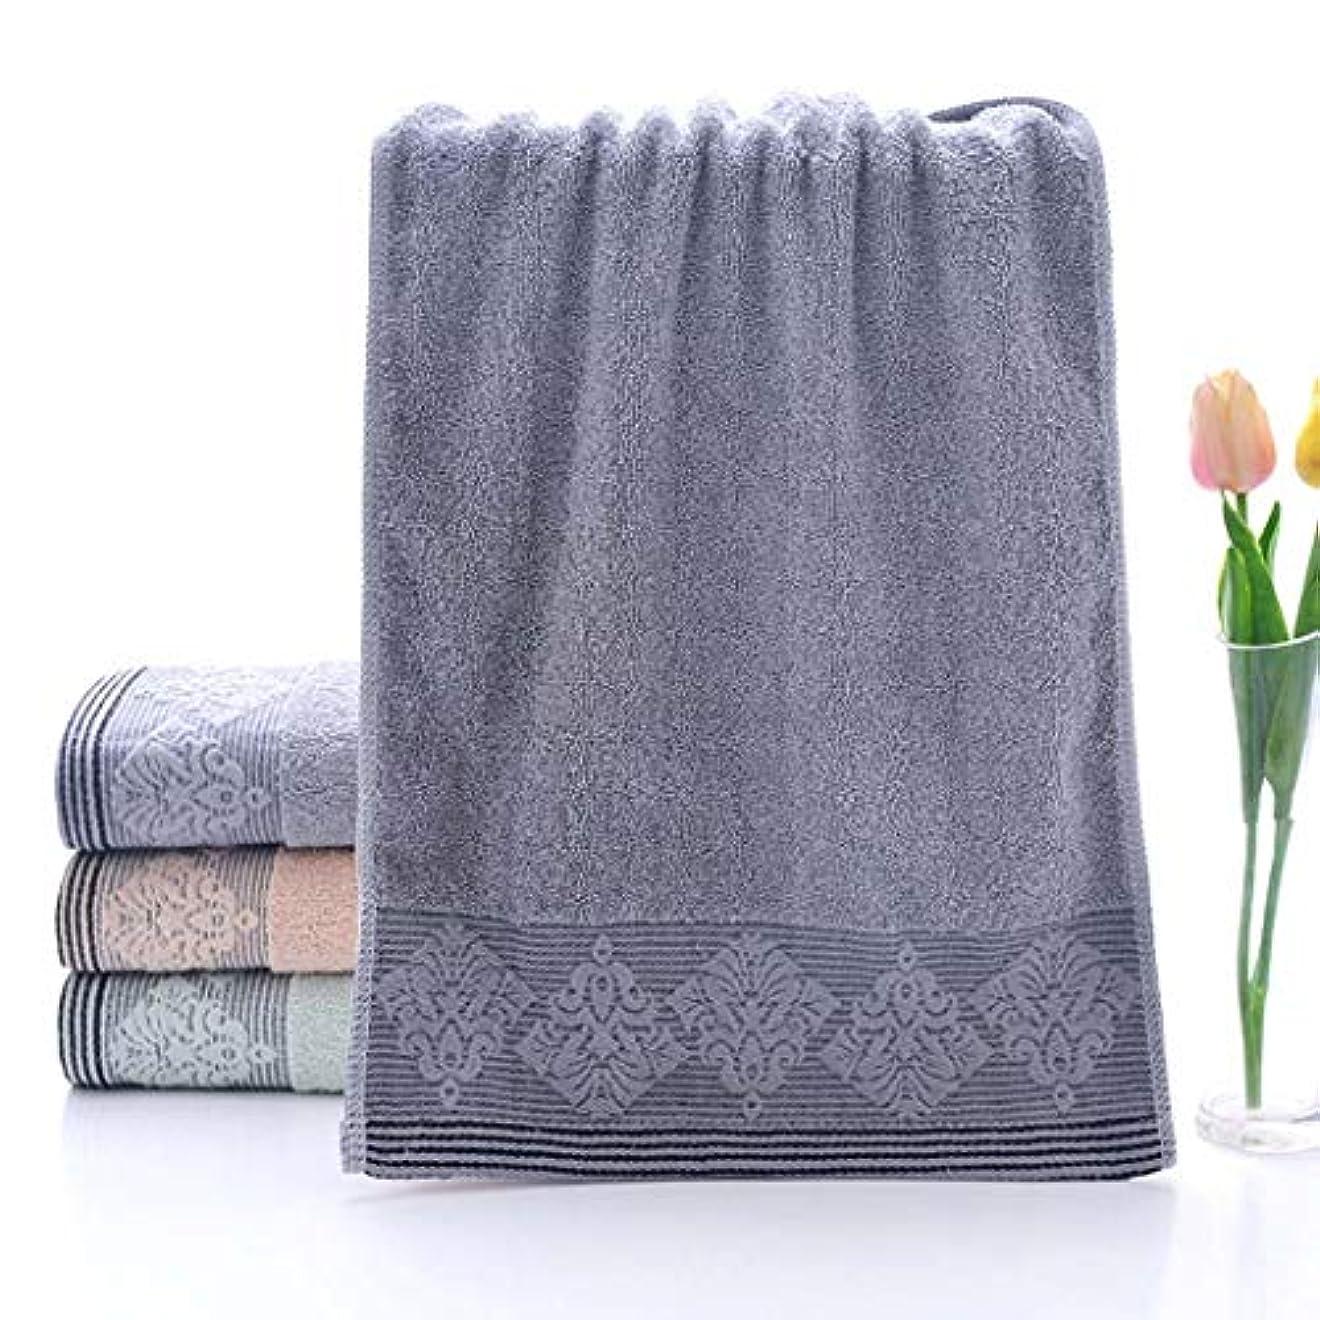 舞い上がる見込み欠陥綿のタオルの速い乾燥したタオルのスポーツタオルの容易な心配,Gray,33*73cm